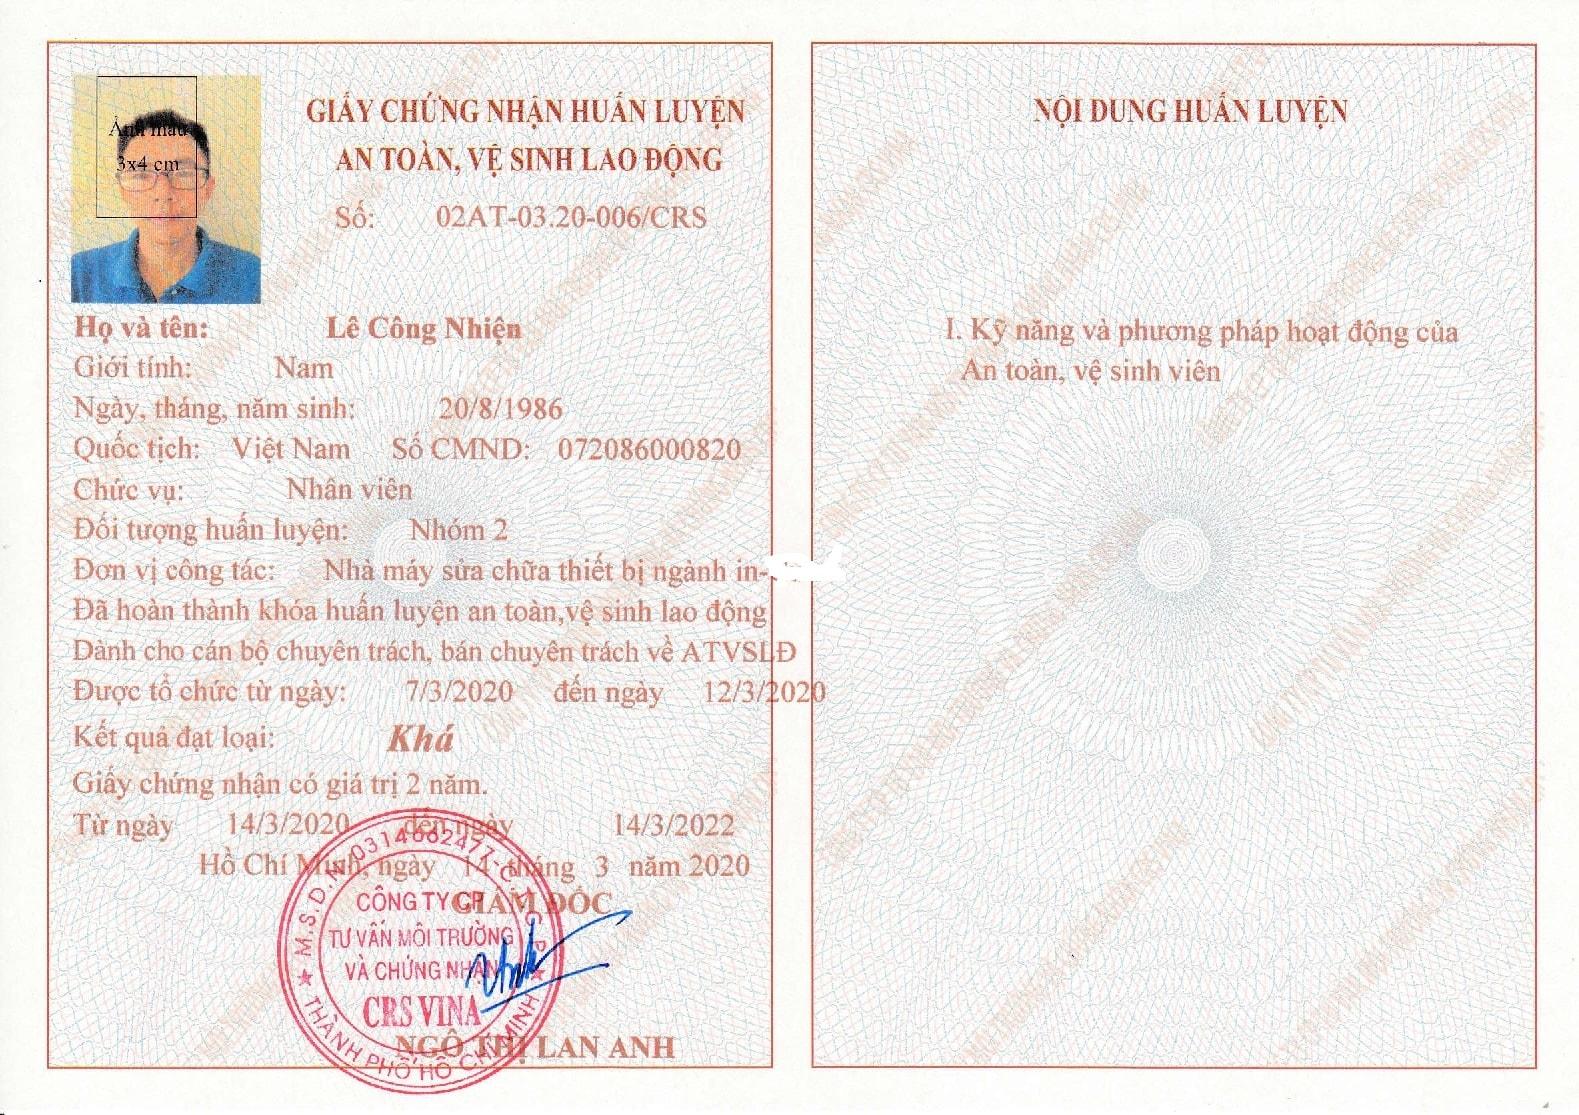 giấy chứng nhận nhóm 2